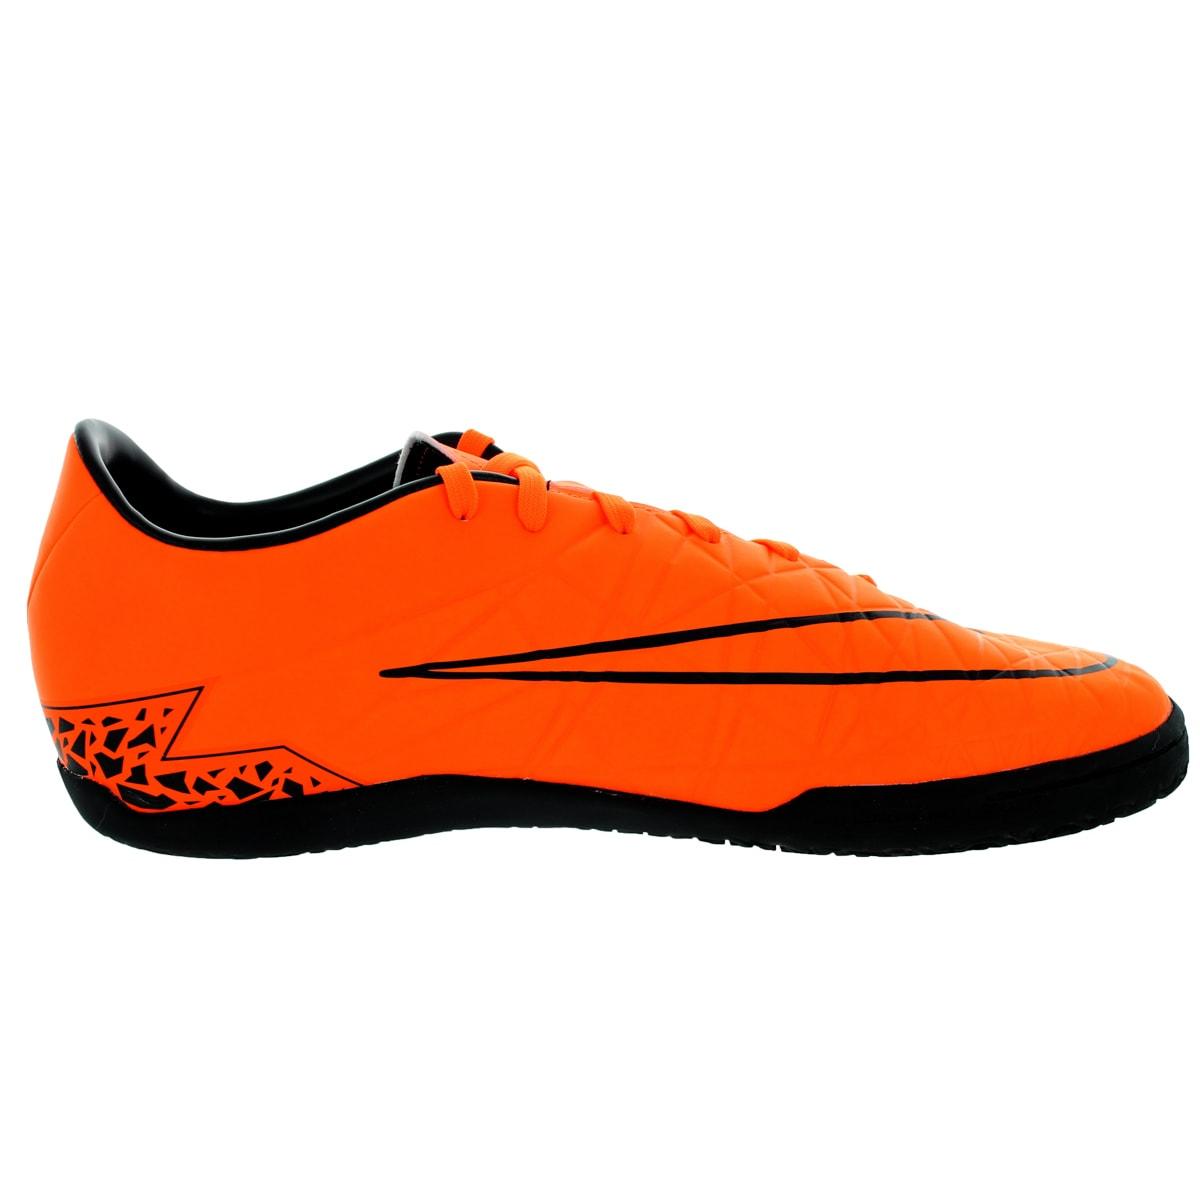 af950699a Shop Nike Men s Hypervenom Phelon Ii Ic Total Orange Orange Black Black  Indoor Soccer Shoe - Free Shipping Today - Overstock - 12118242